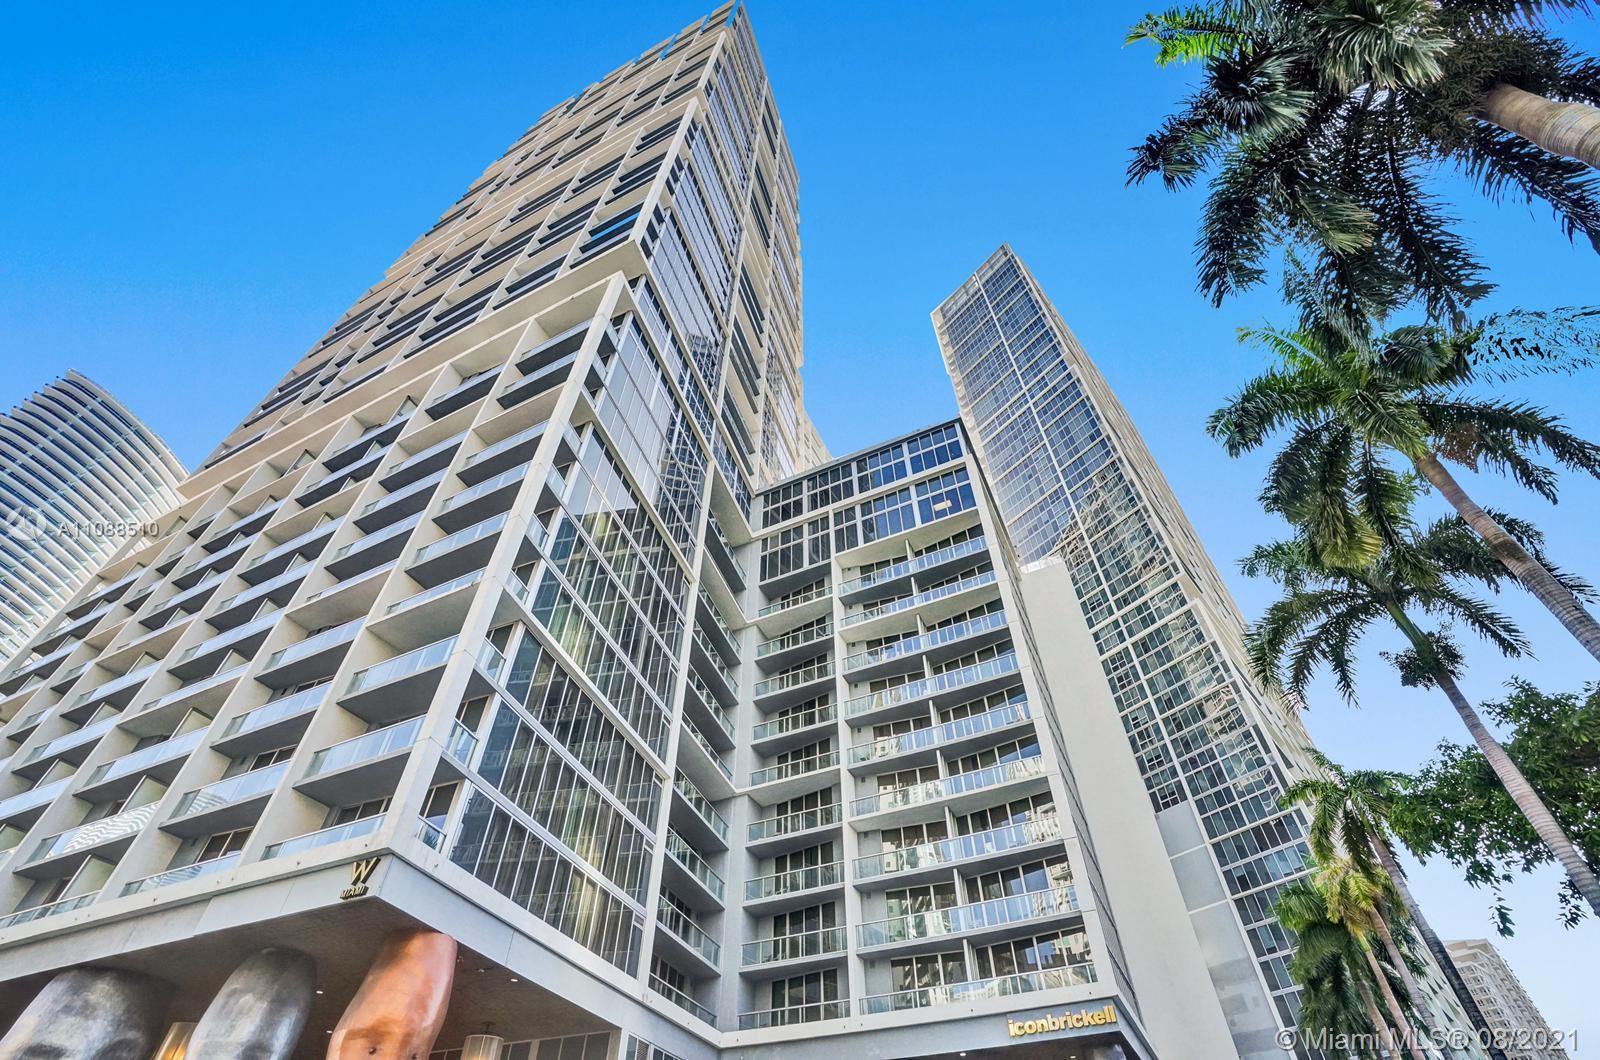 Icon Brickell 2 #3206 - 495 Brickell Ave #3206, Miami, FL 33131